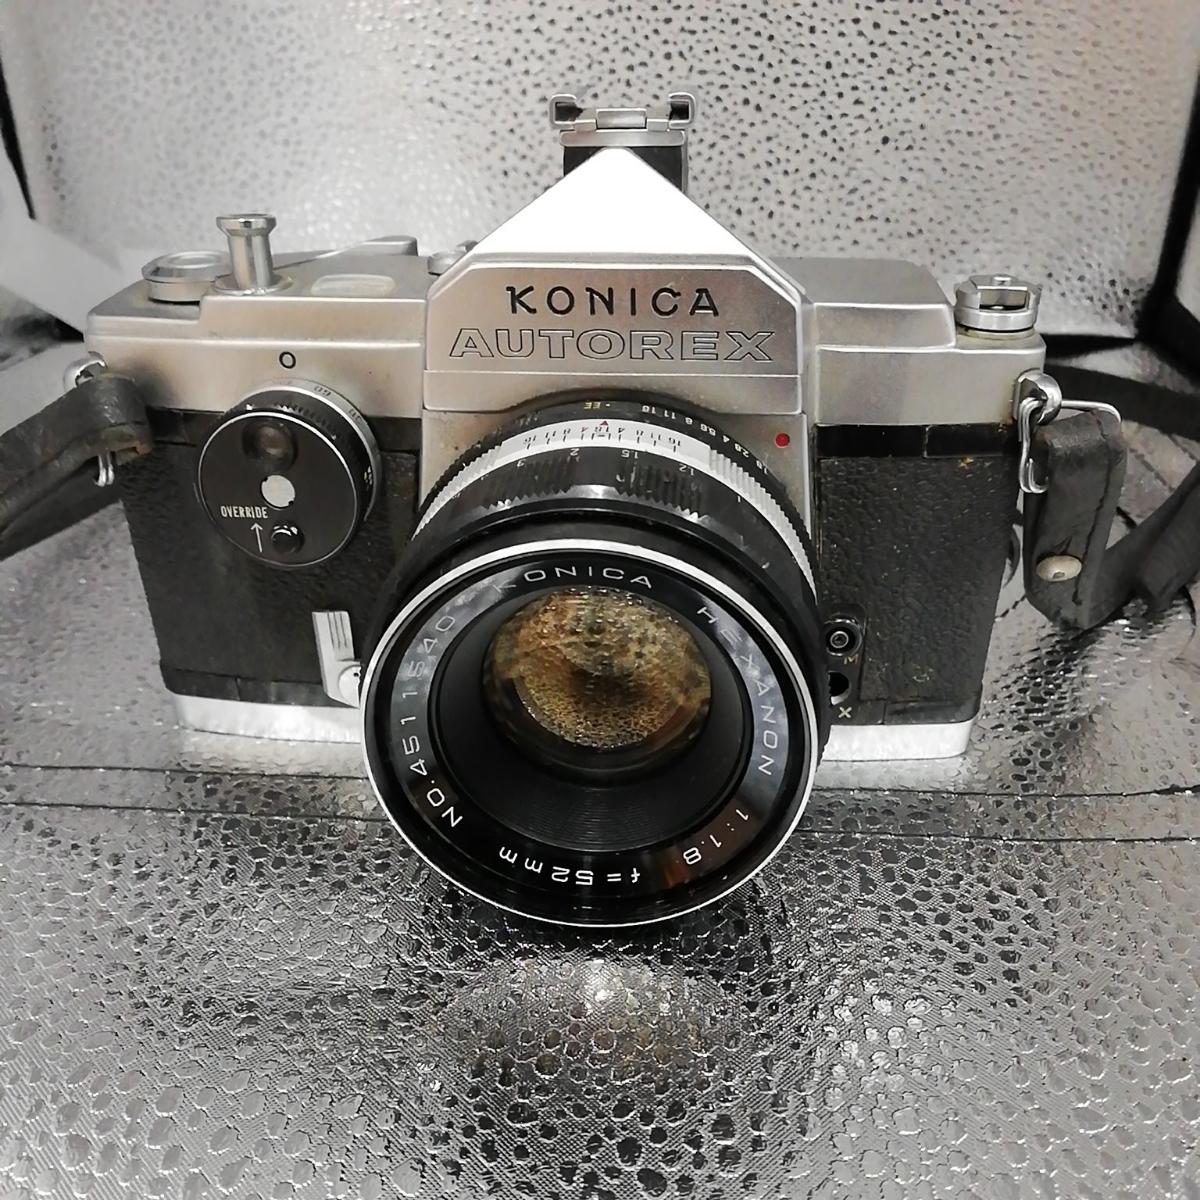 【中古品】KONICA コニカ オートレックス 一眼レフカメラ